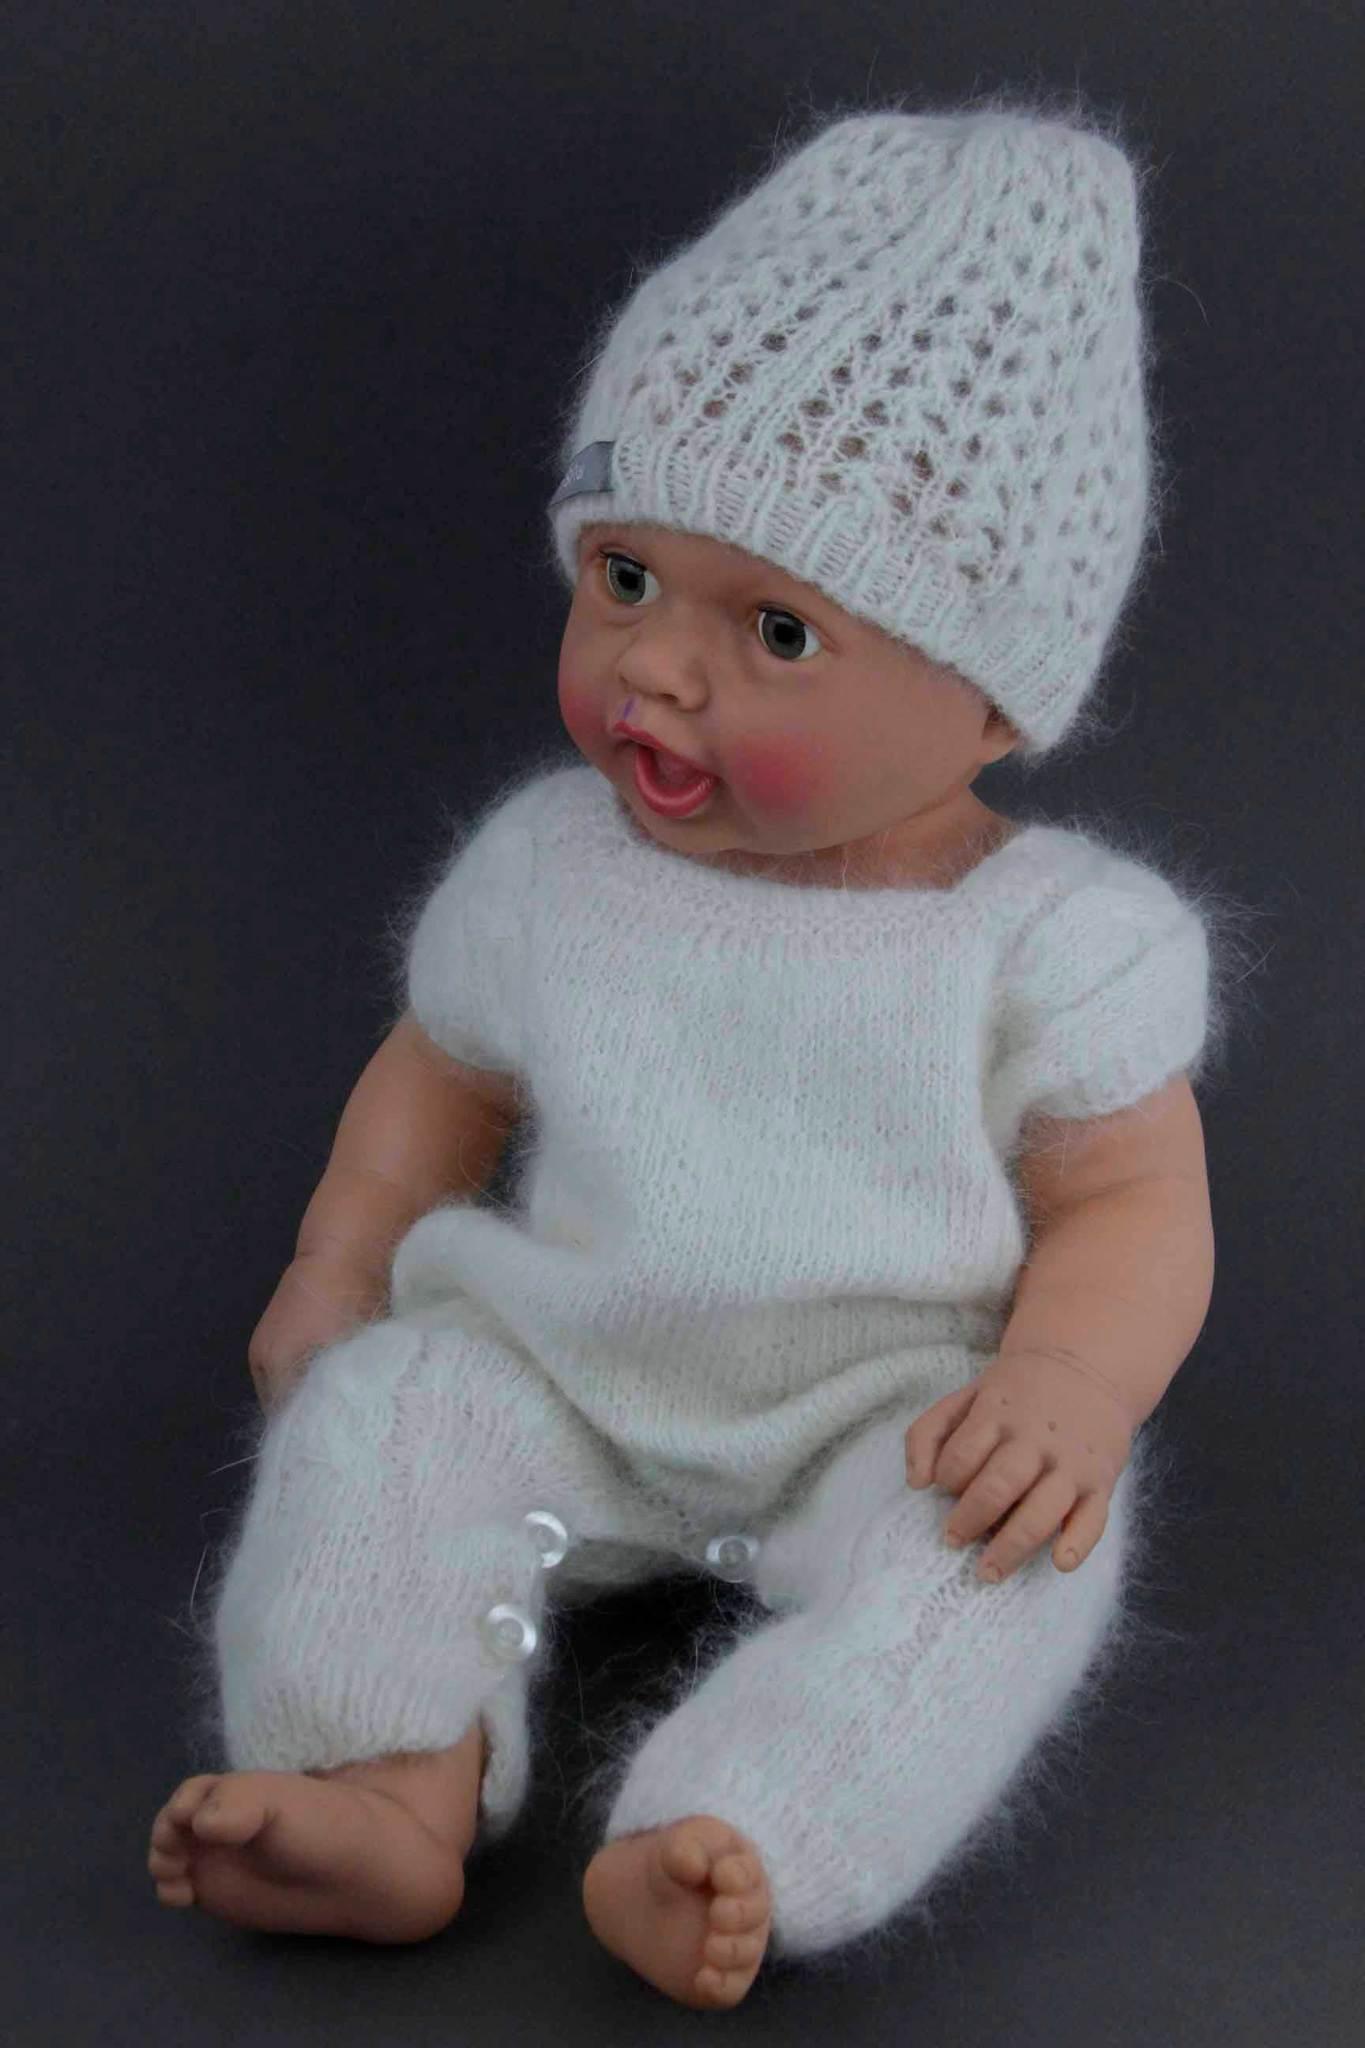 Newborn_angora_hat_36_white